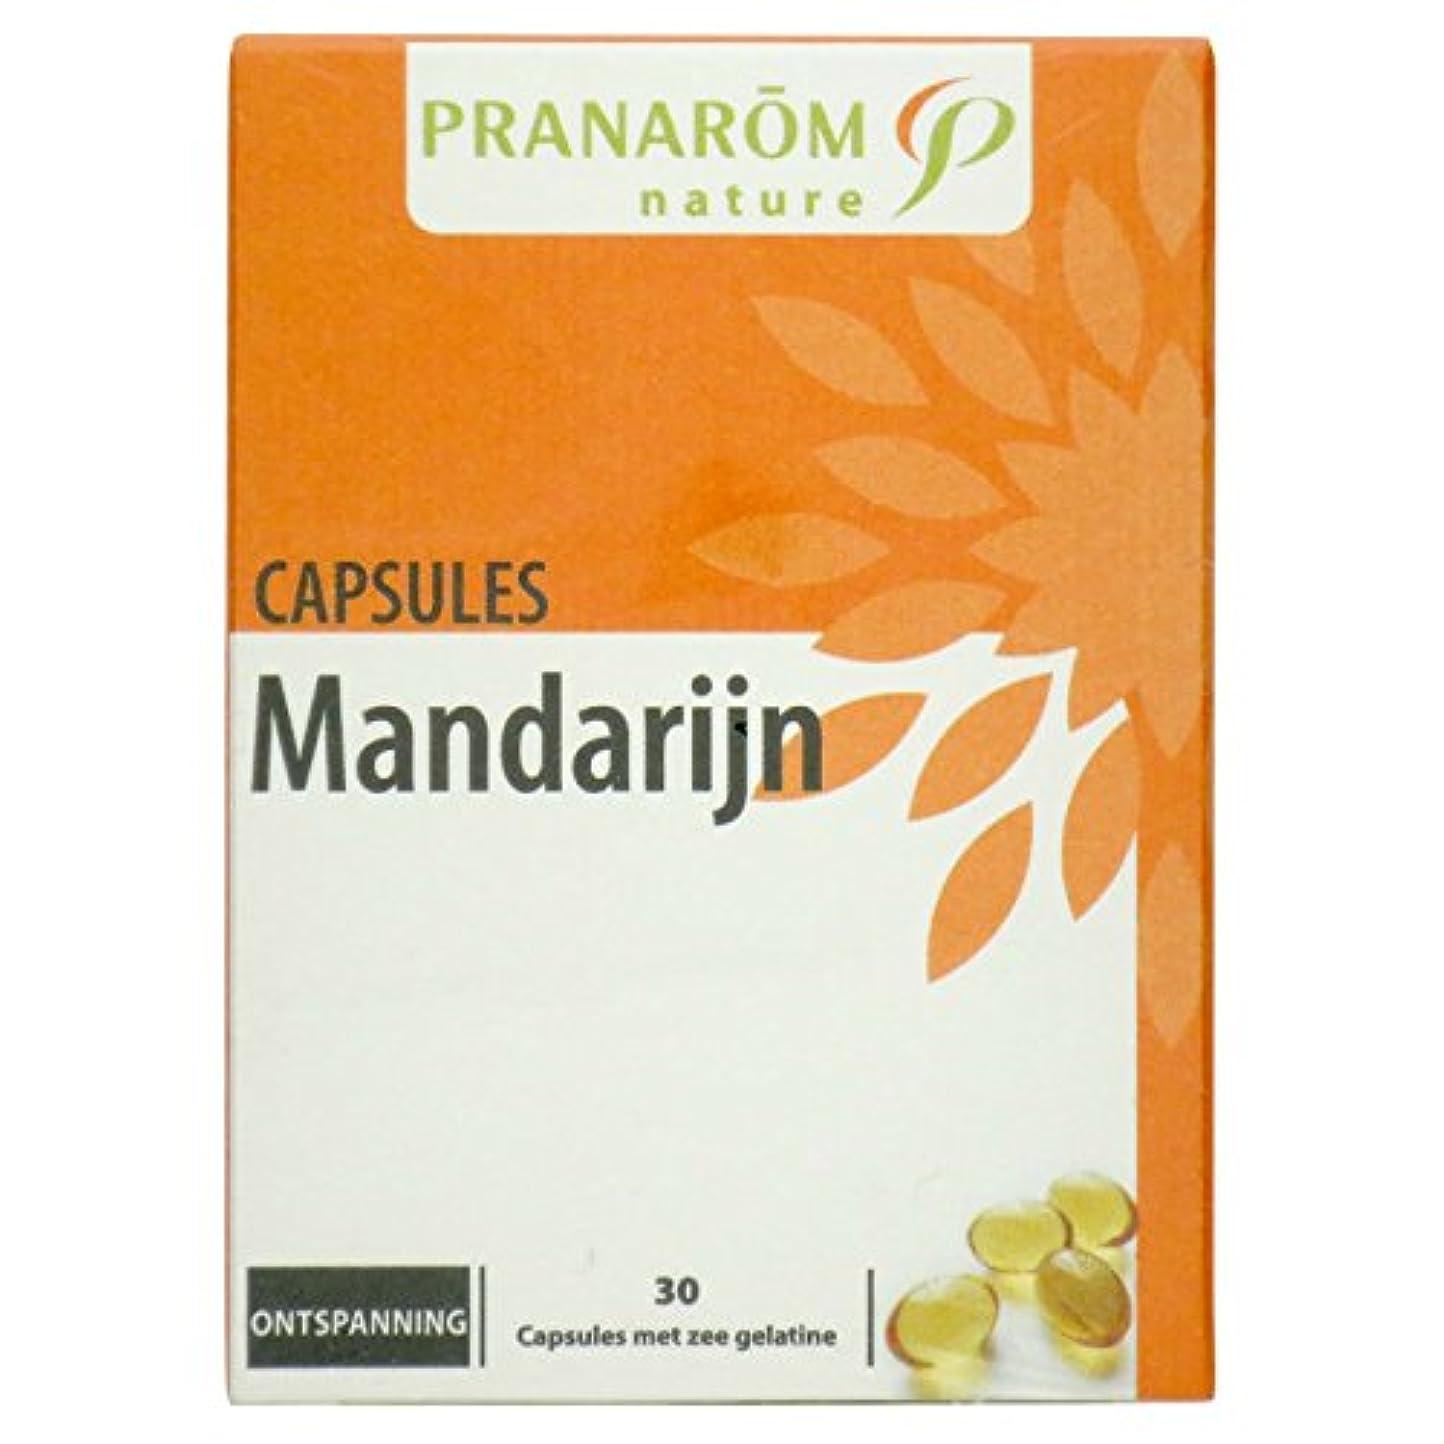 直感意外群がるプラナロム マンダリンカプセル 30粒 (PRANAROM サプリメント)